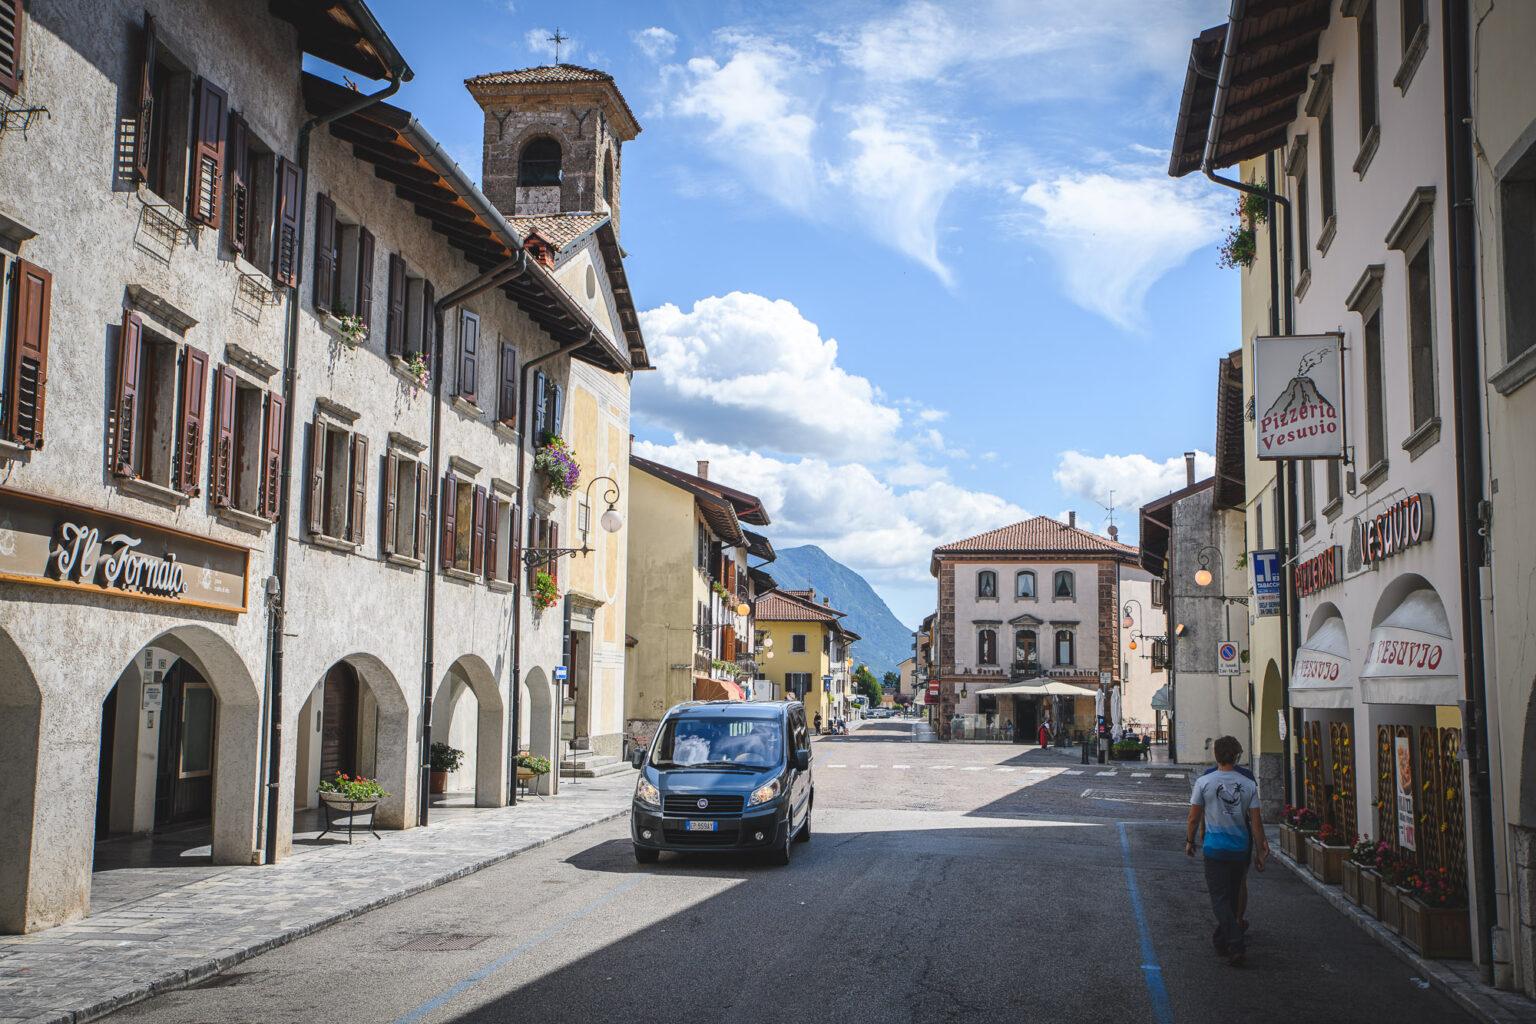 Ulica w Tolmezzo